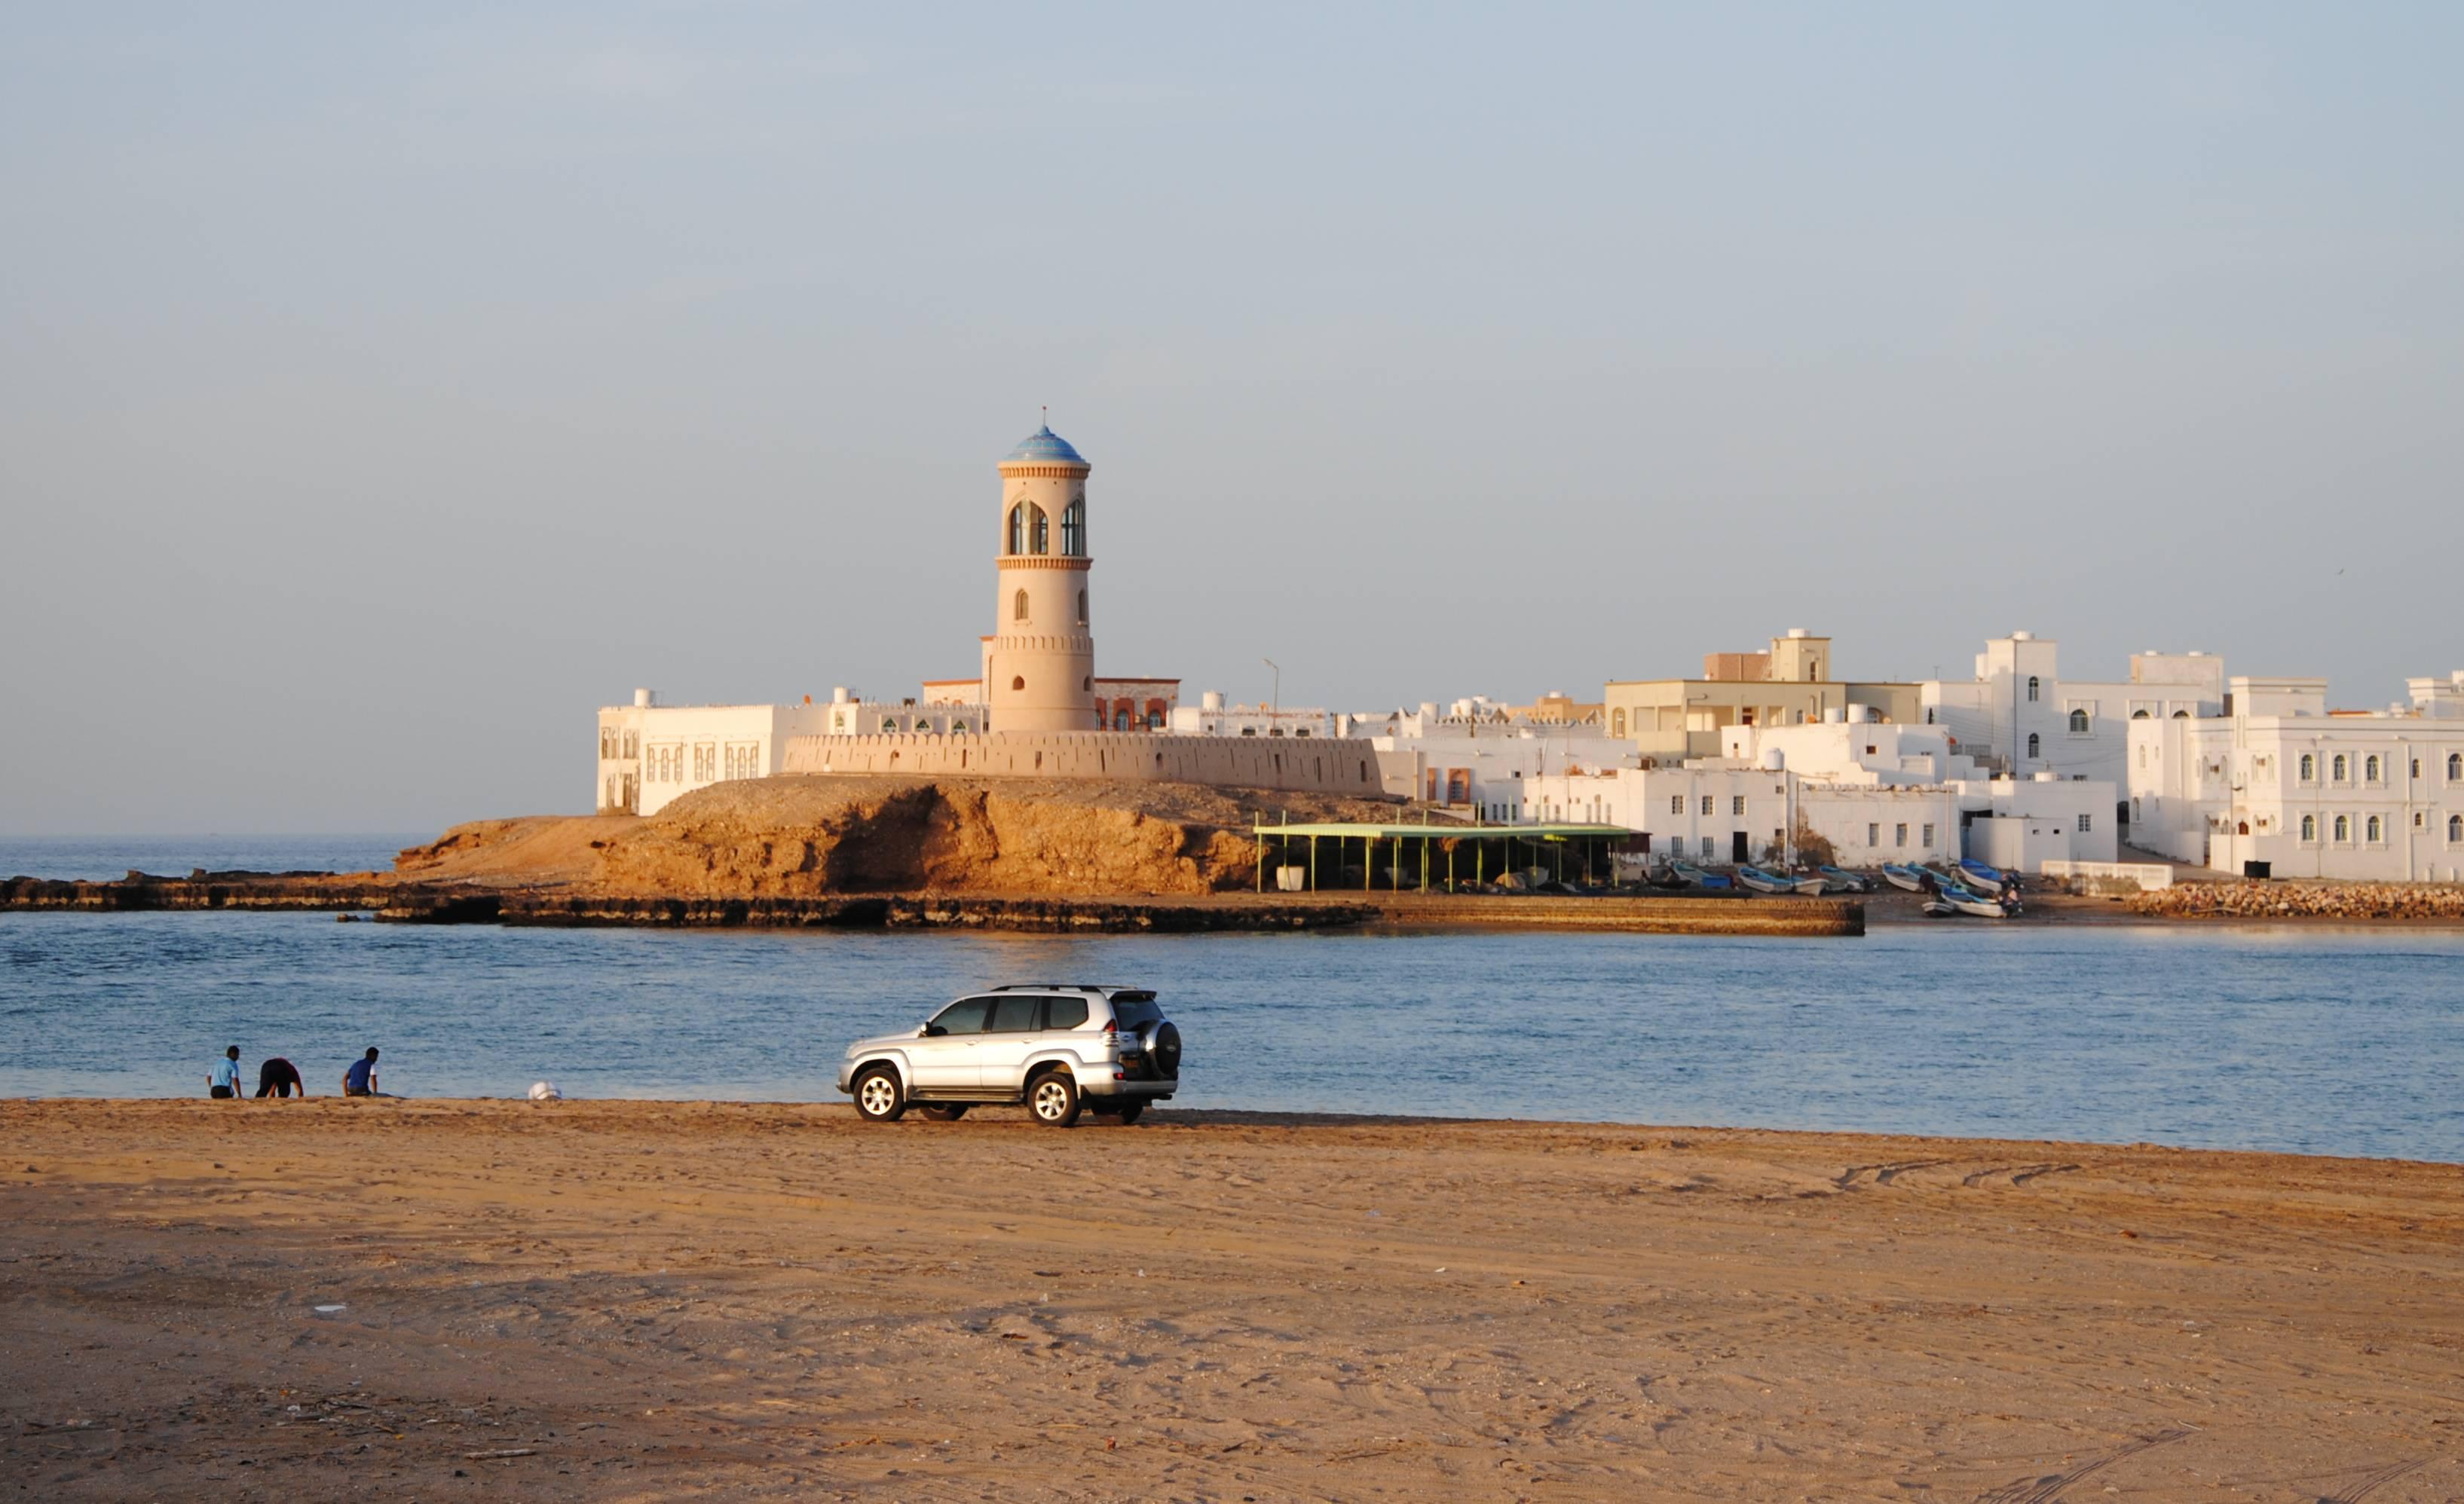 Ein Auto am Ufer vor einem Leuchtturm